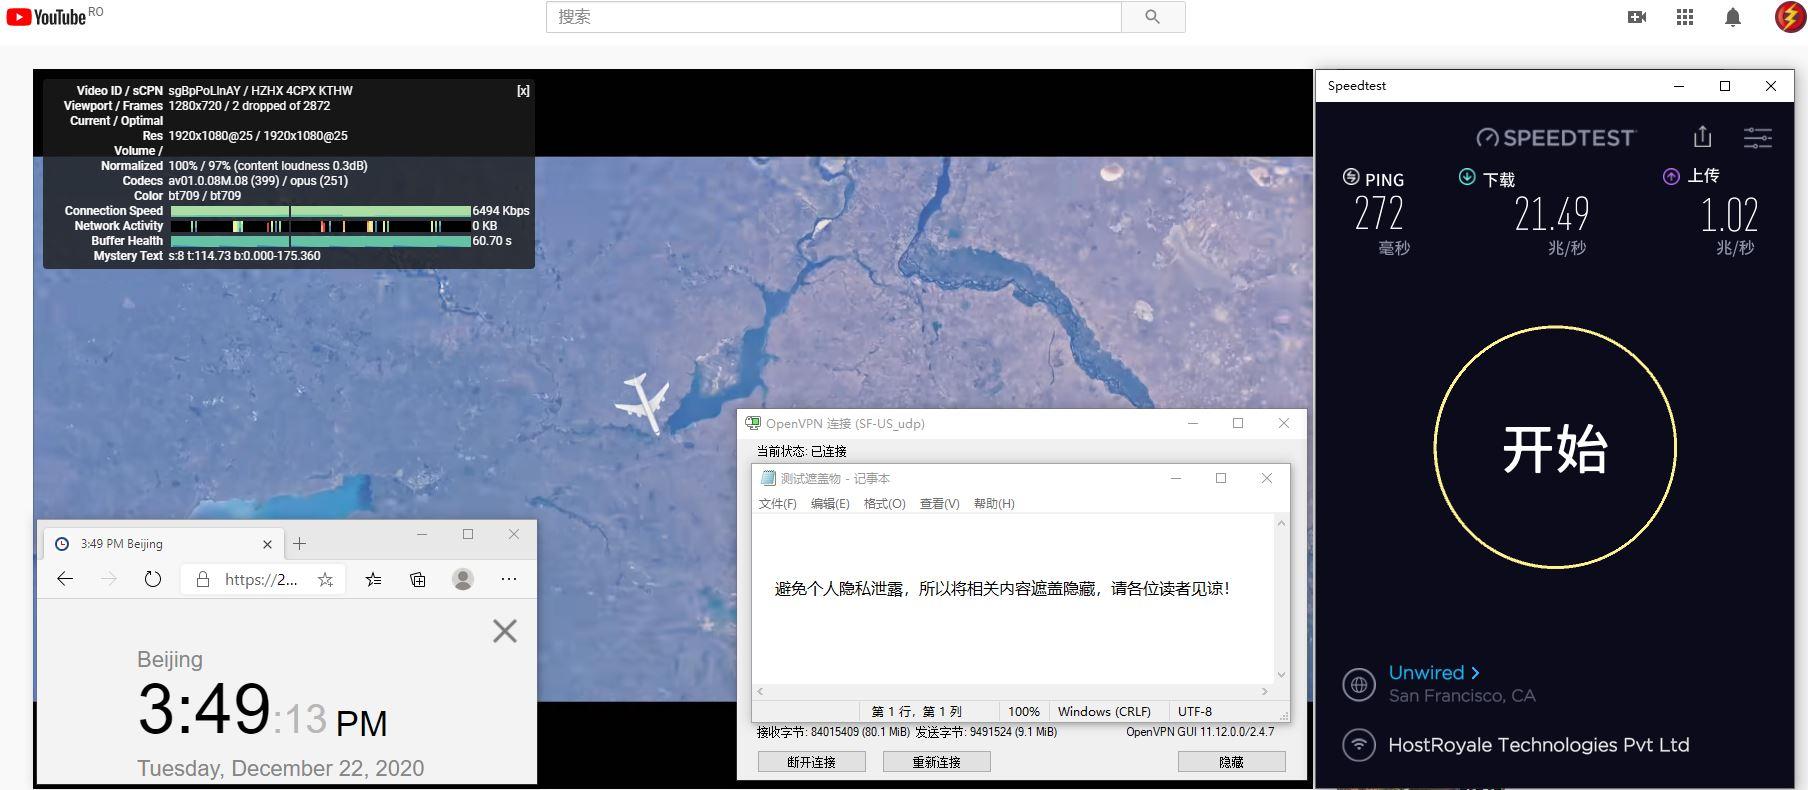 Windows10 SurfsharkVPN US 服务器 中国VPN 翻墙 科学上网 测试 - 20201222